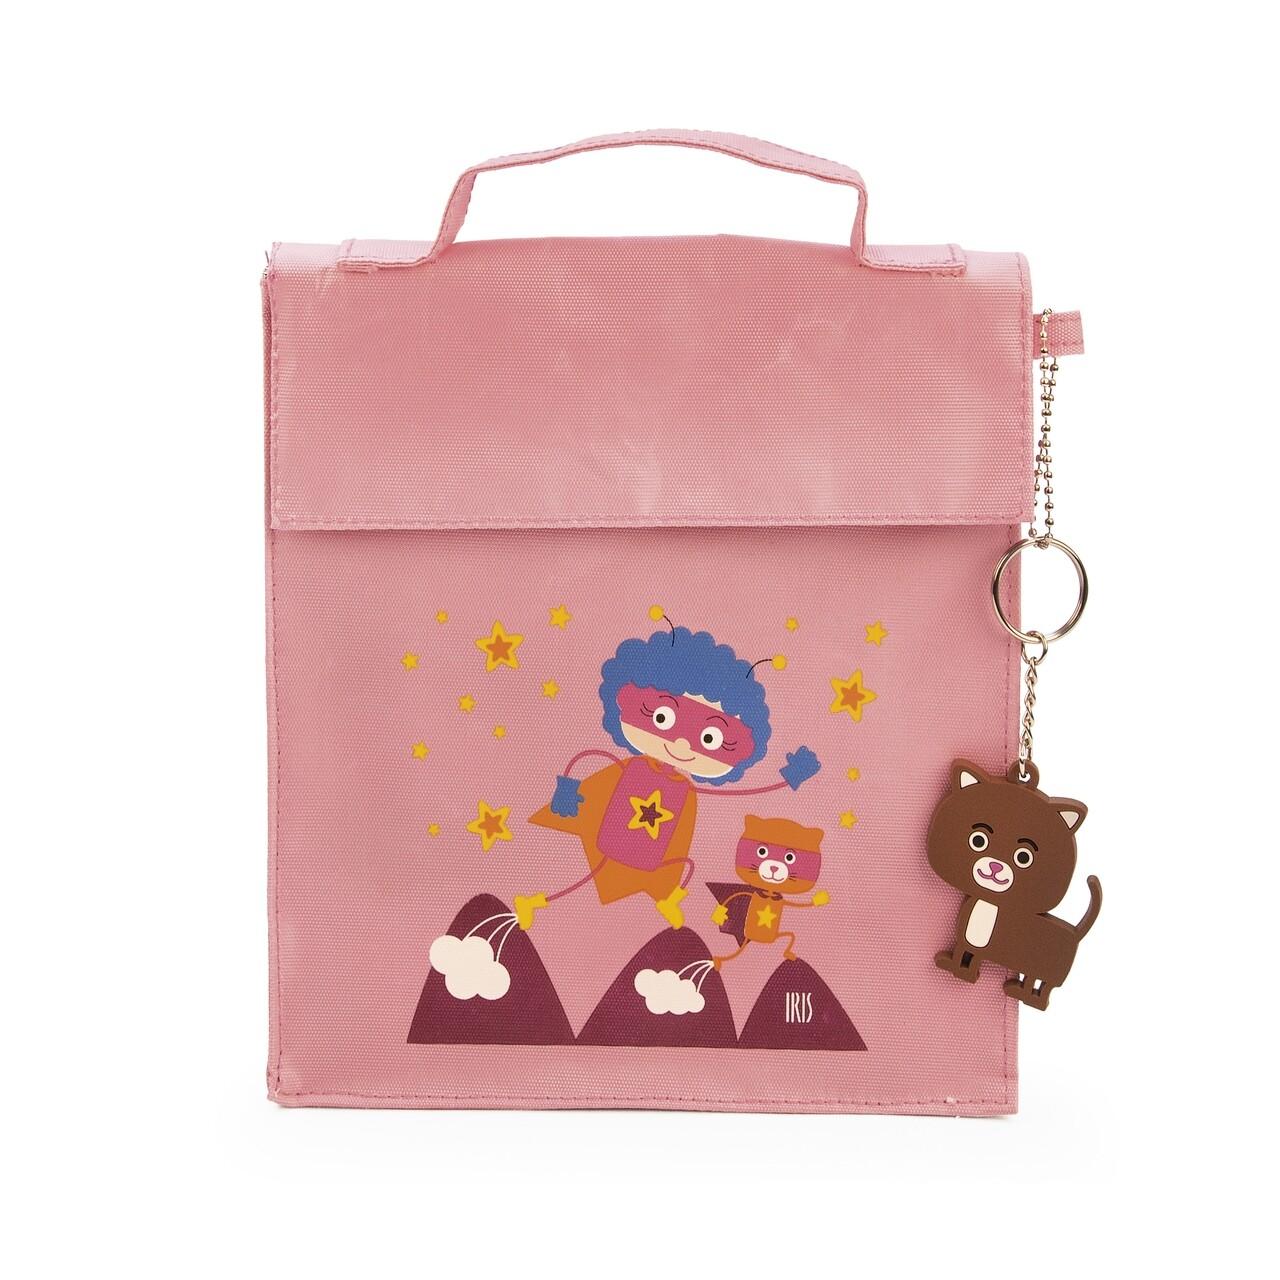 Geanta termoizolanta pentru pranz copii Kinder SnackRico, Iris Barcelona, 18x8x21 cm, poliester, roz